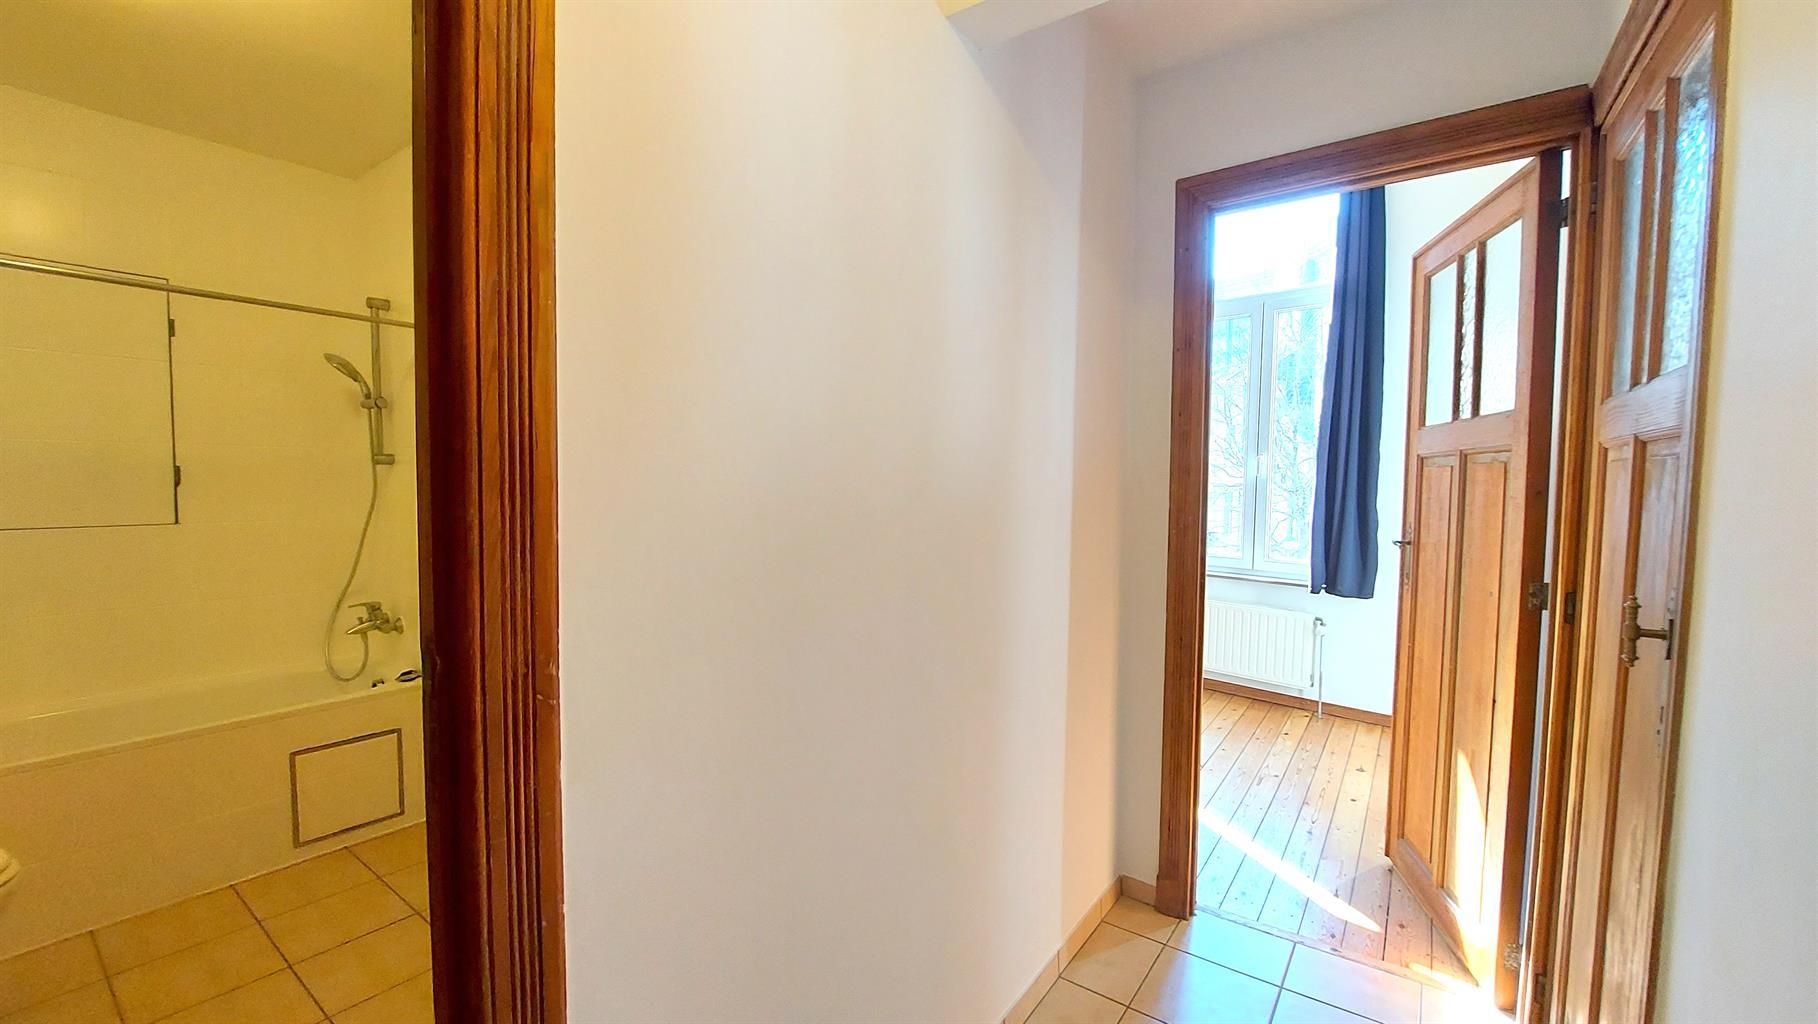 Appartement - Saint-Gilles - #4356932-16